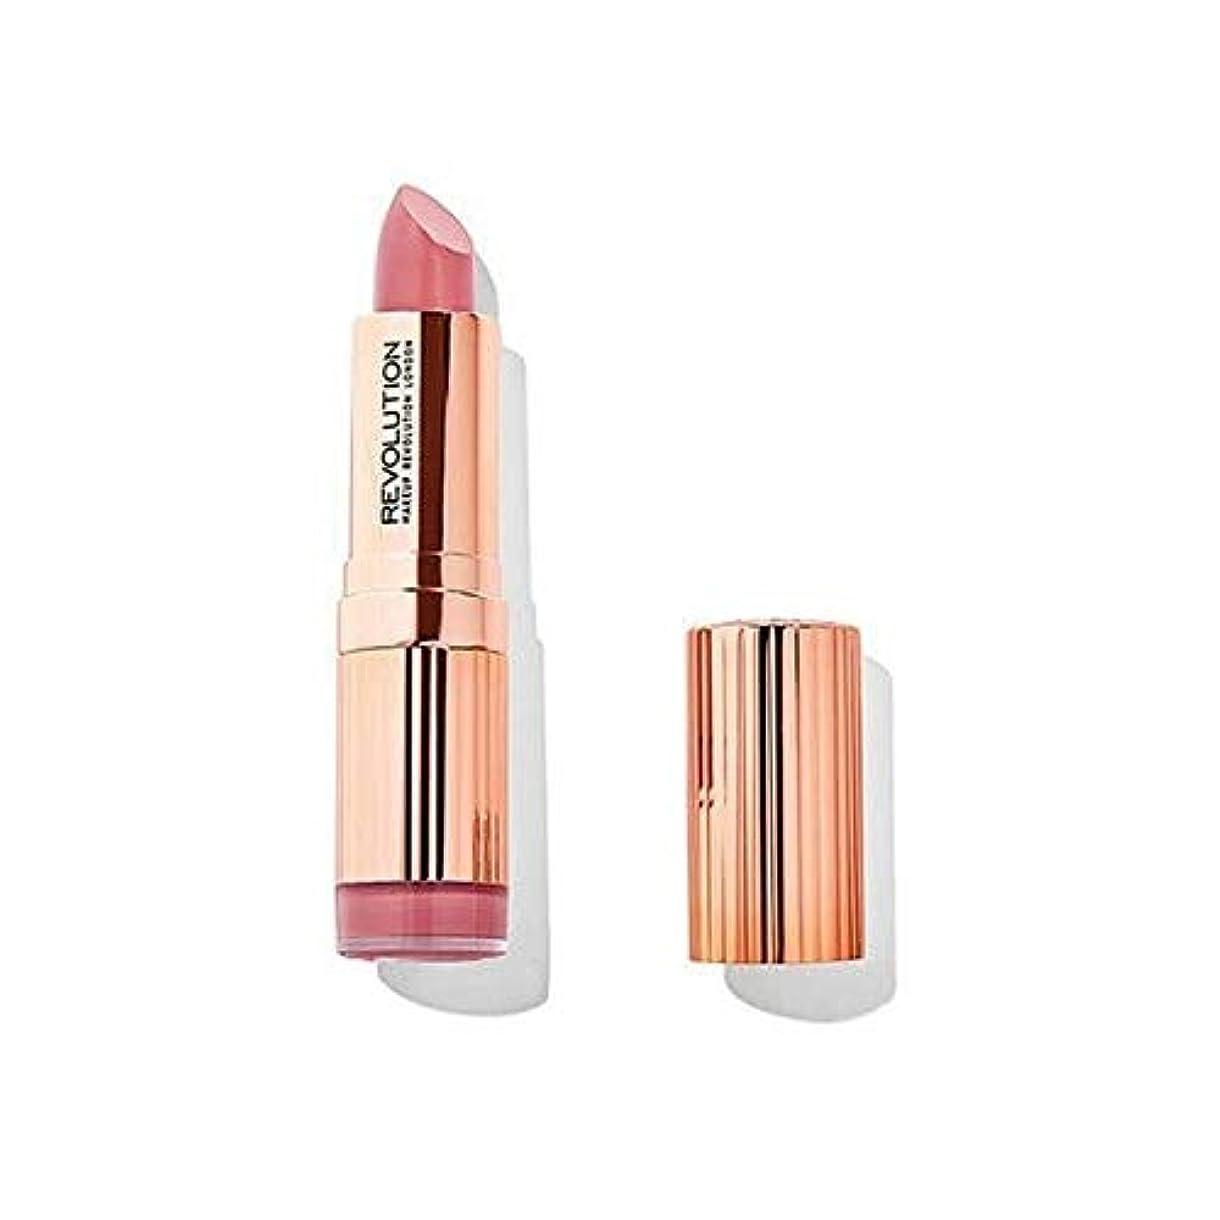 コンベンション圧倒的[Revolution ] ブレンド革命のルネサンス口紅 - Revolution Renaissance Lipstick Blended [並行輸入品]